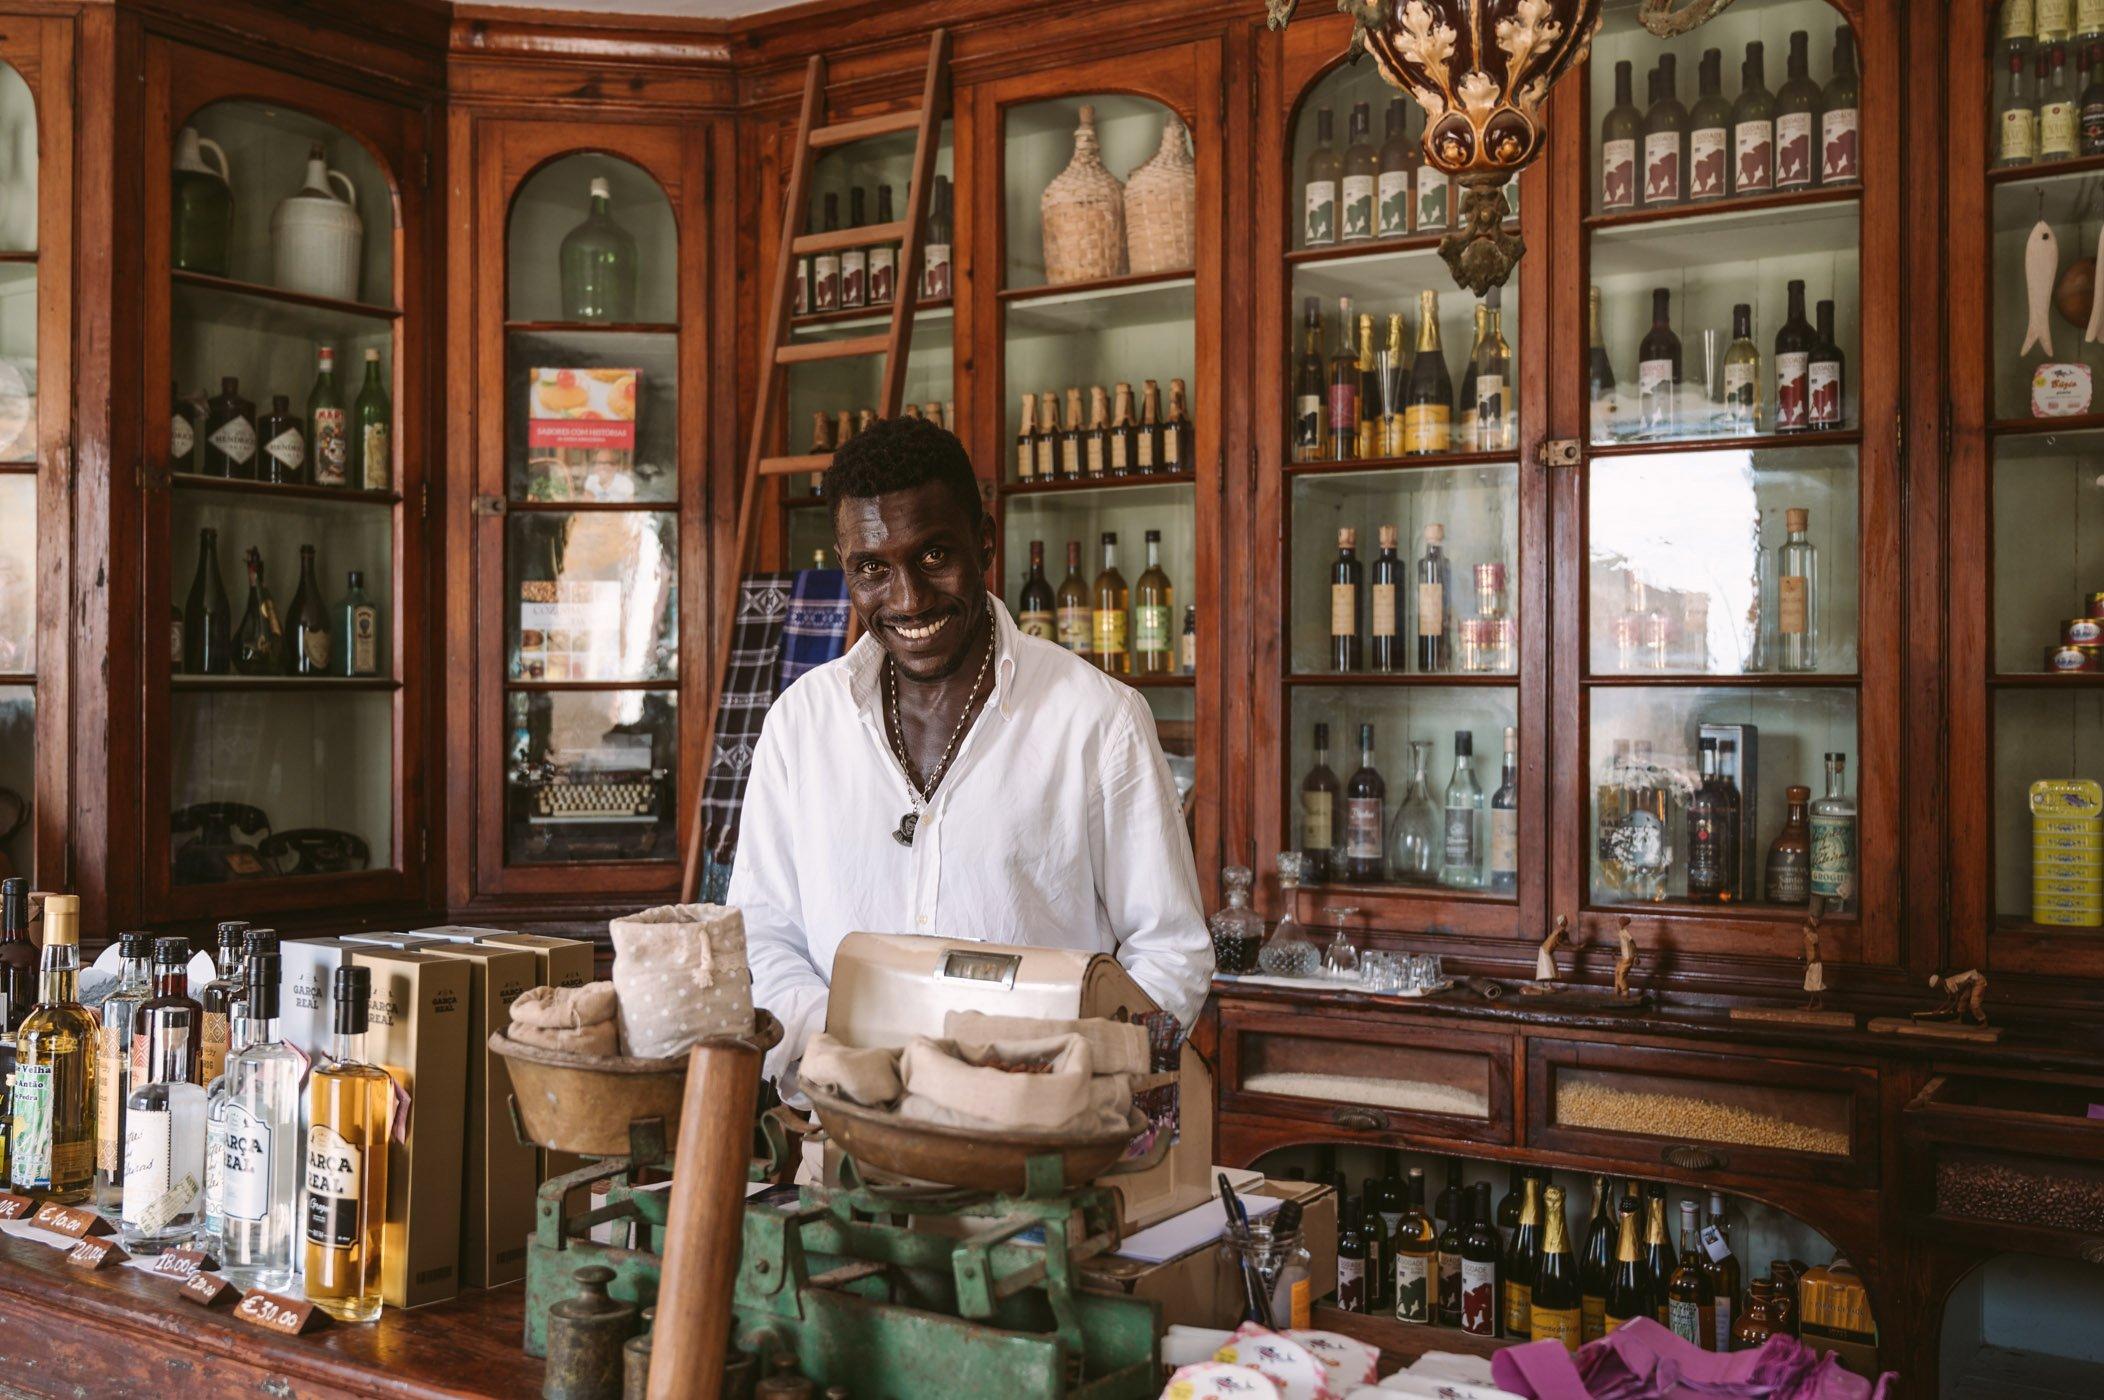 Puru Spiritu Kabuverdianu in Boa Vista Cape Verde